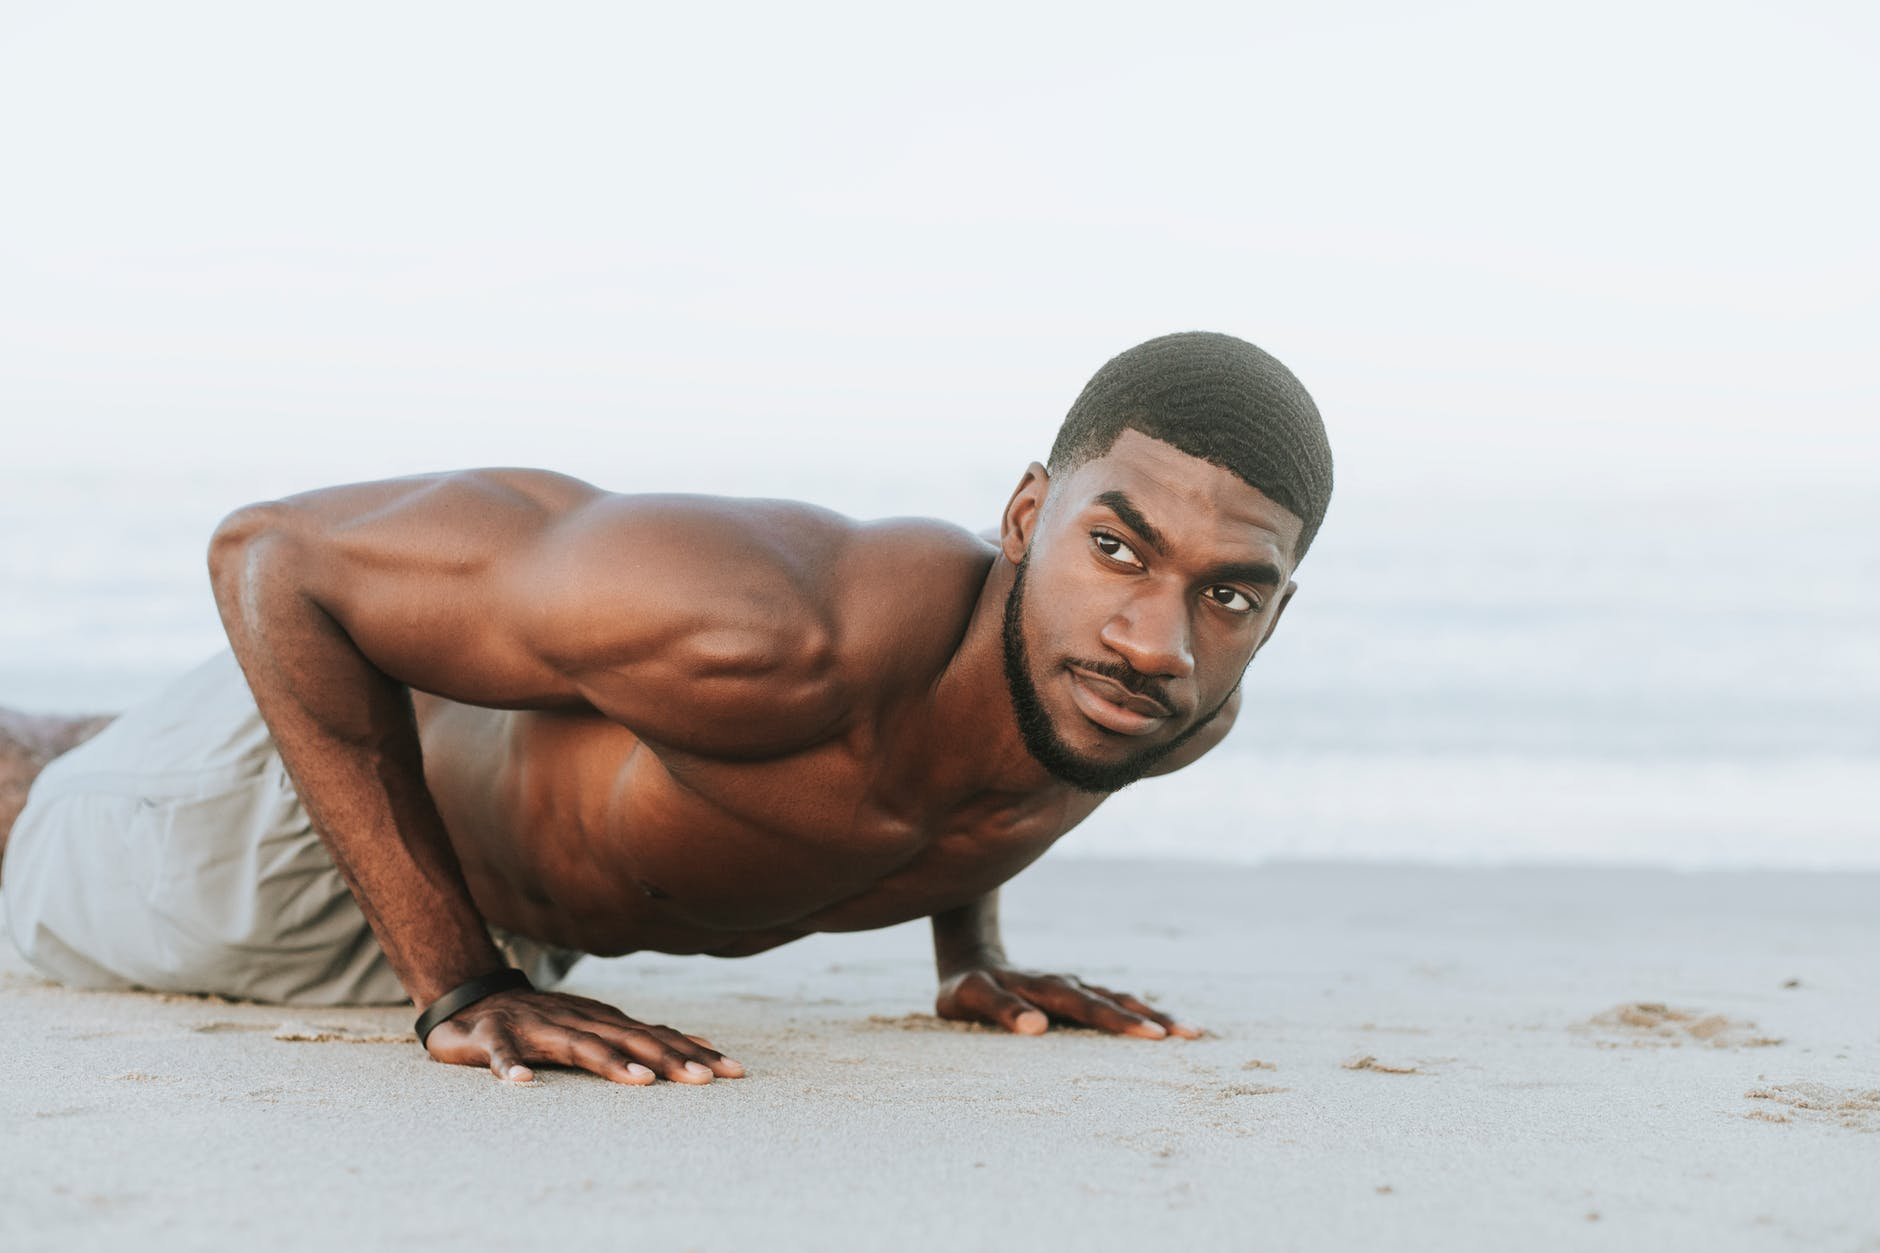 四五十歲中年男人每天該做多少個俯臥撐?找對訓練方式先! ?